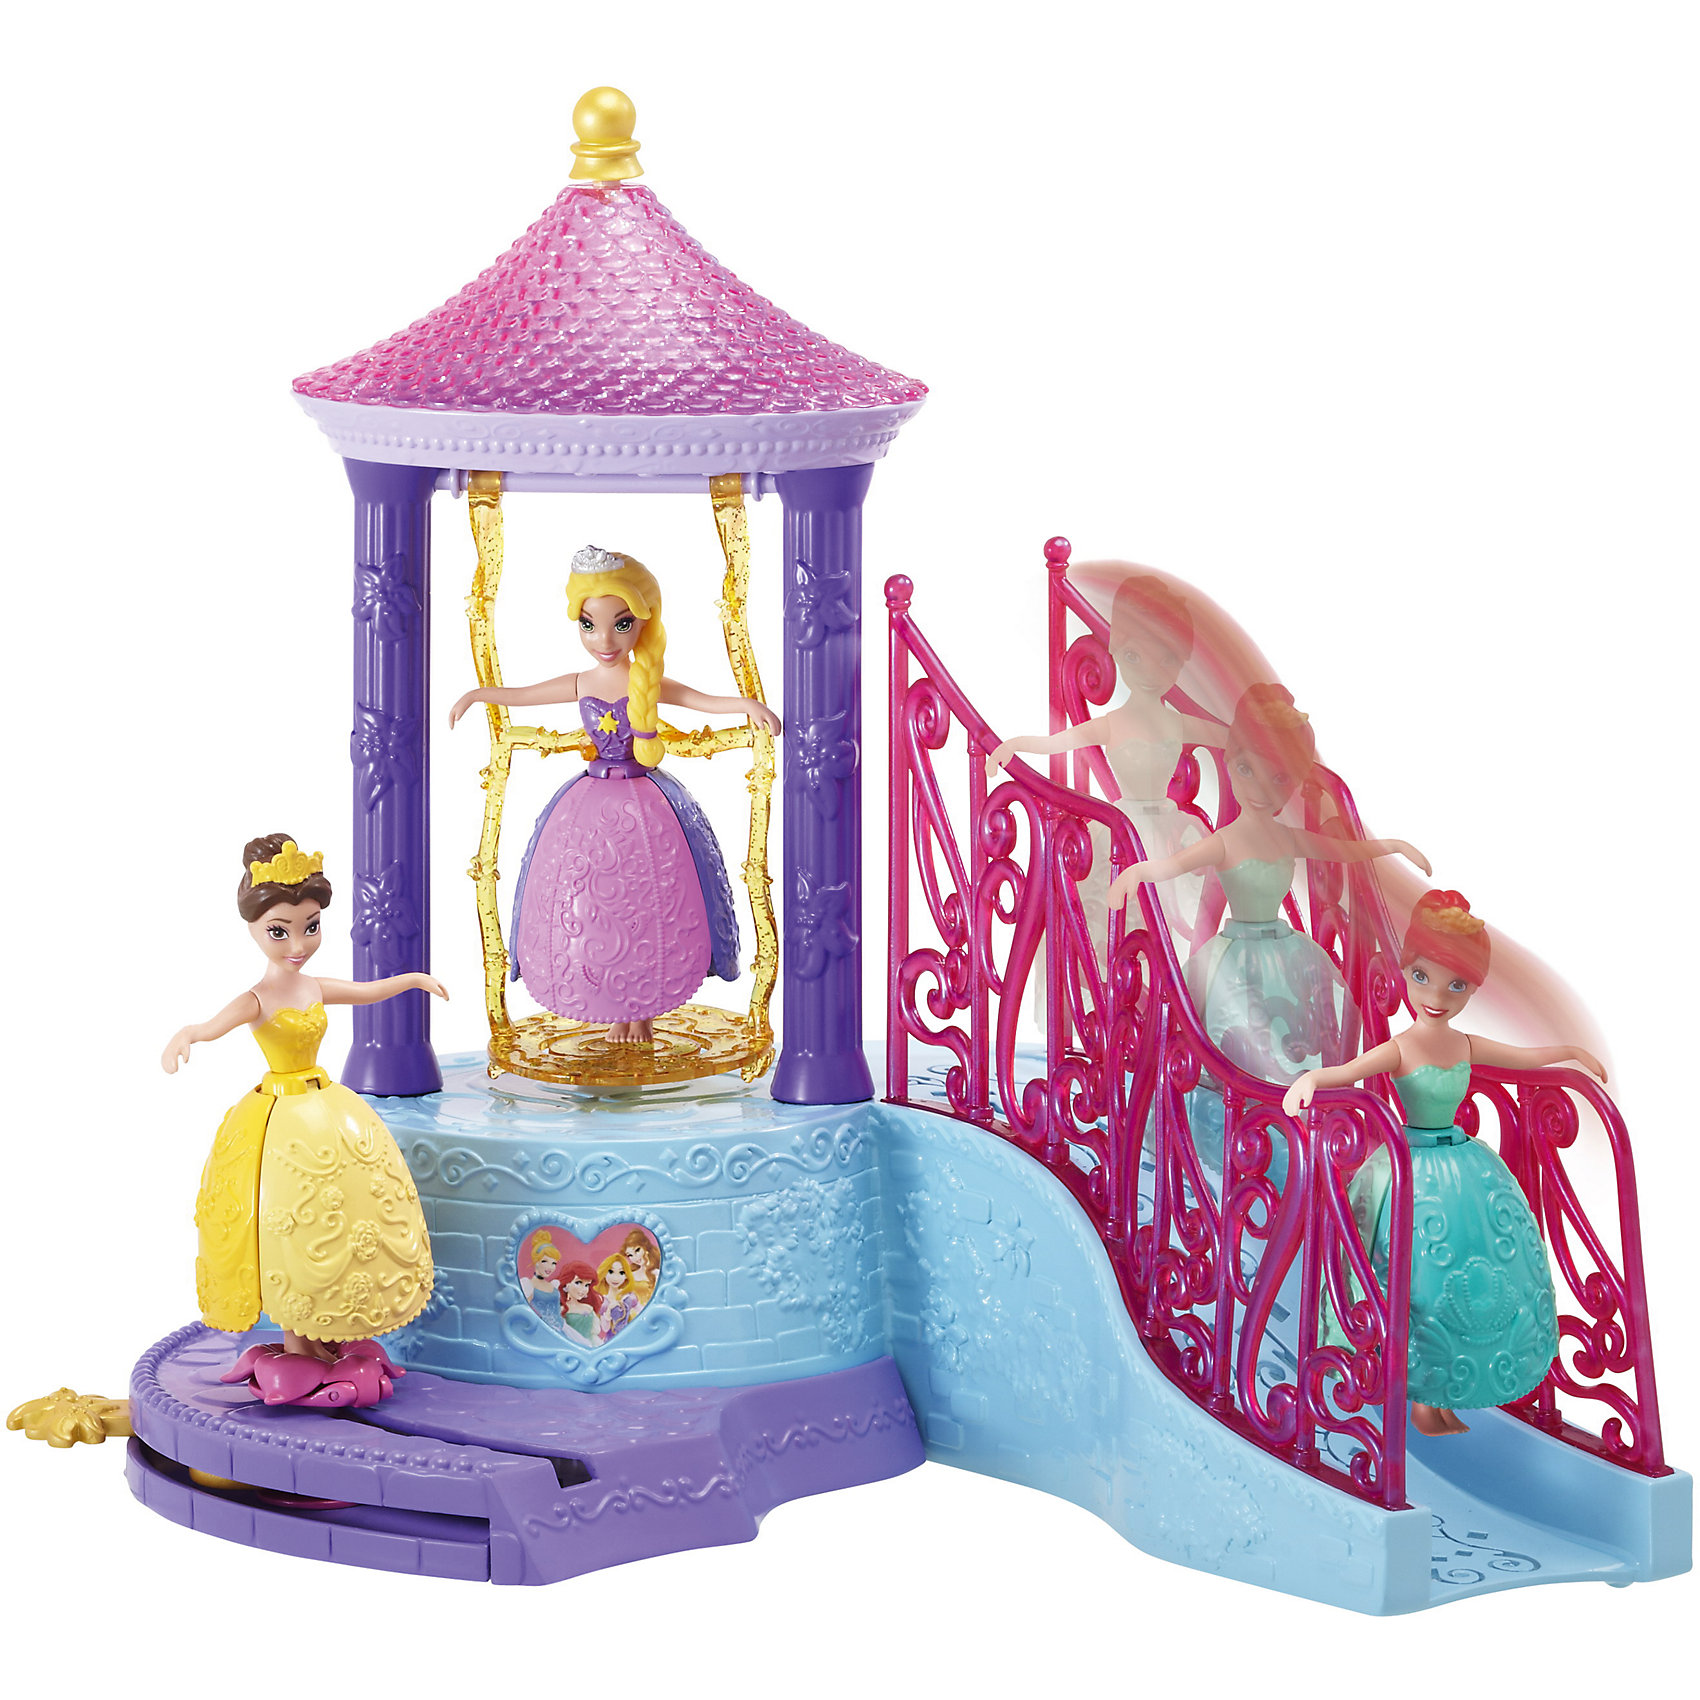 Mattel Принцесса c домиком и аксессуарами, Принцессы Дисней mattel принцесса c домиком и аксессуарами принцессы дисней